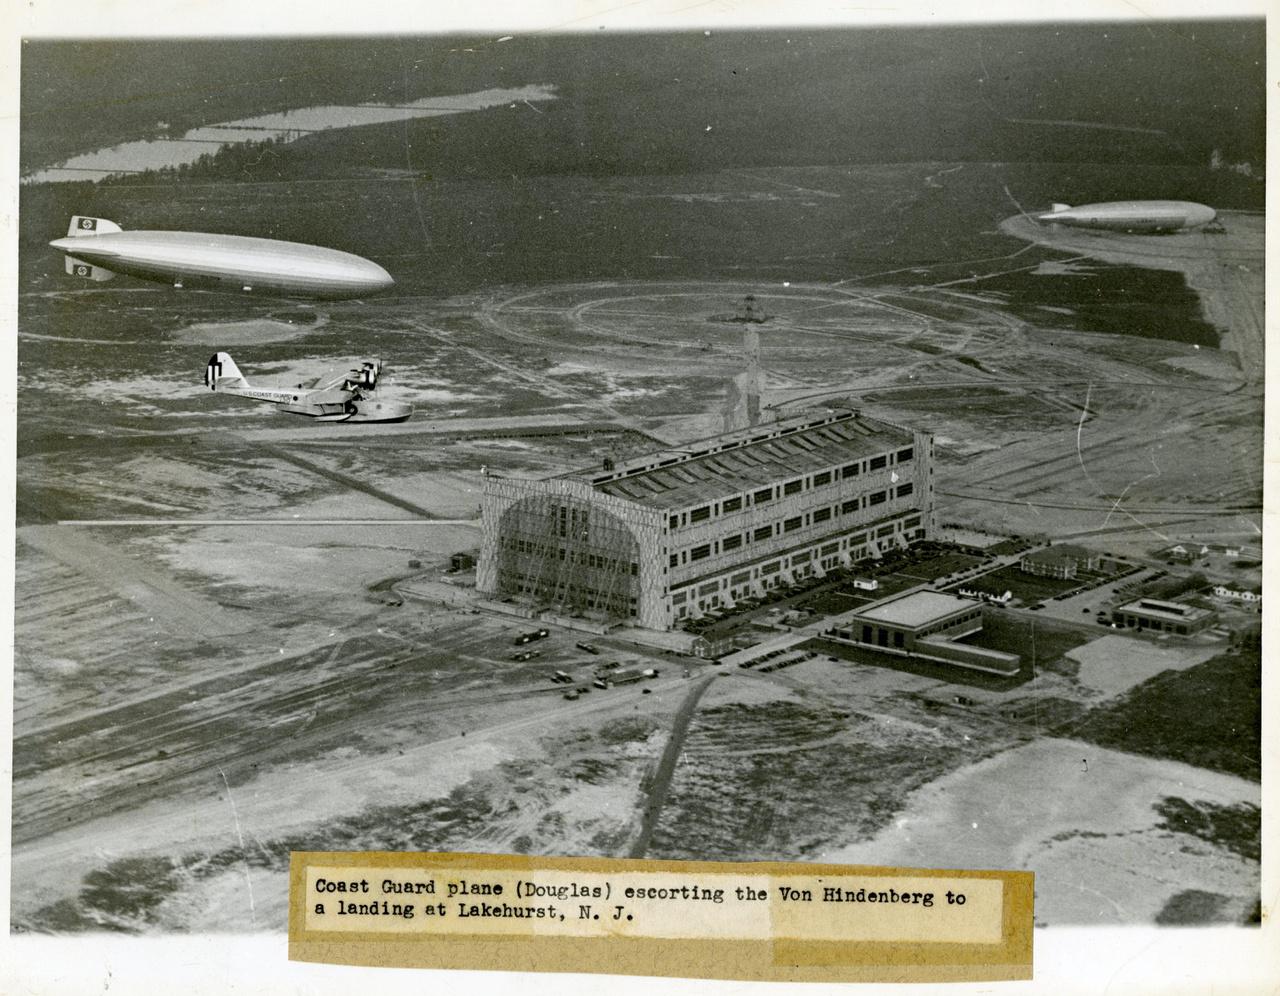 1936. május 9. Első érkezés az Egyesült Államokba. A Hindenburgot a parti őrség repülőgépe kíséri a lakehursti kikötőhelyre.